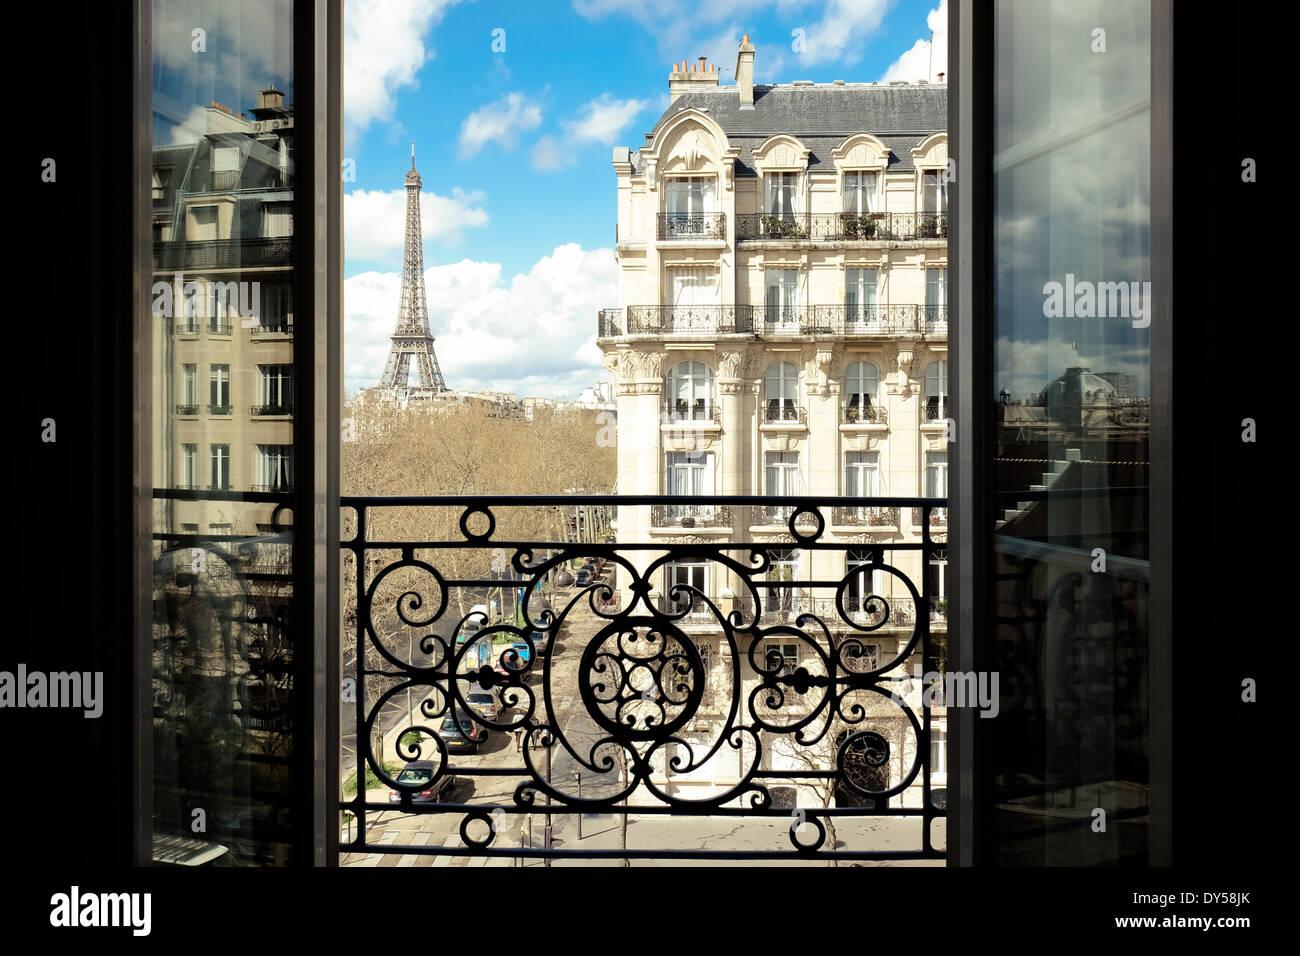 La Tour Eiffel, Paris, France, vue à travers une fenêtre ouverte. Photo Stock